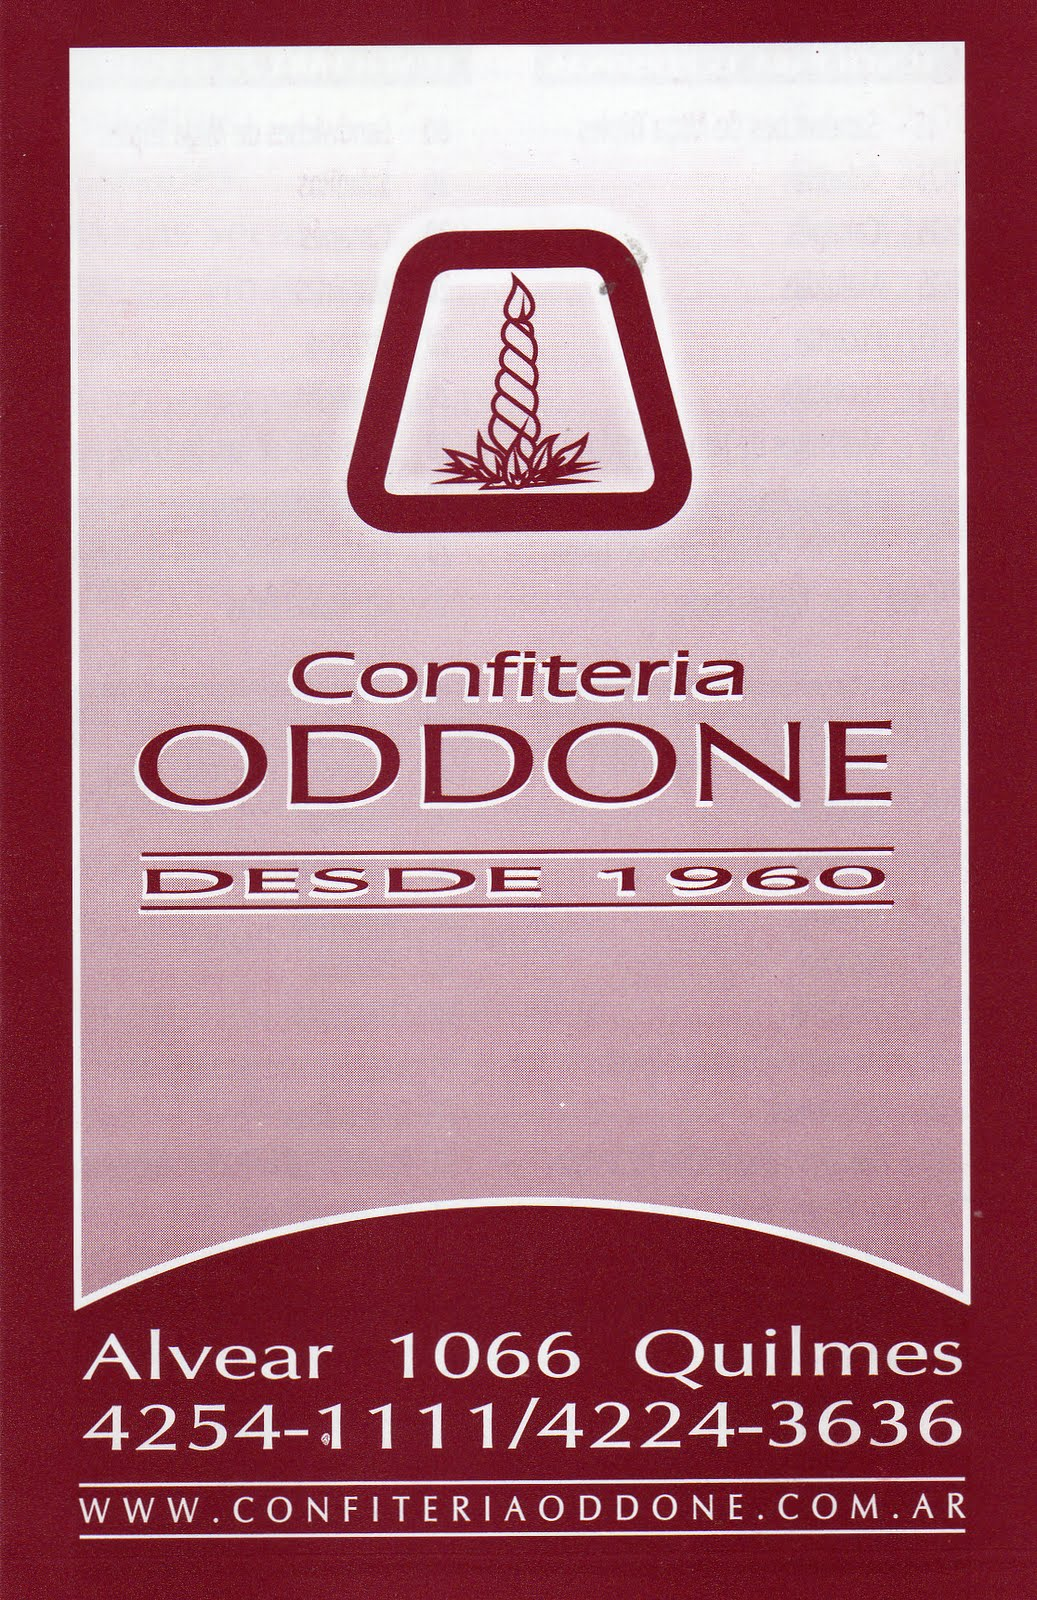 CONFITERIA ODDONE